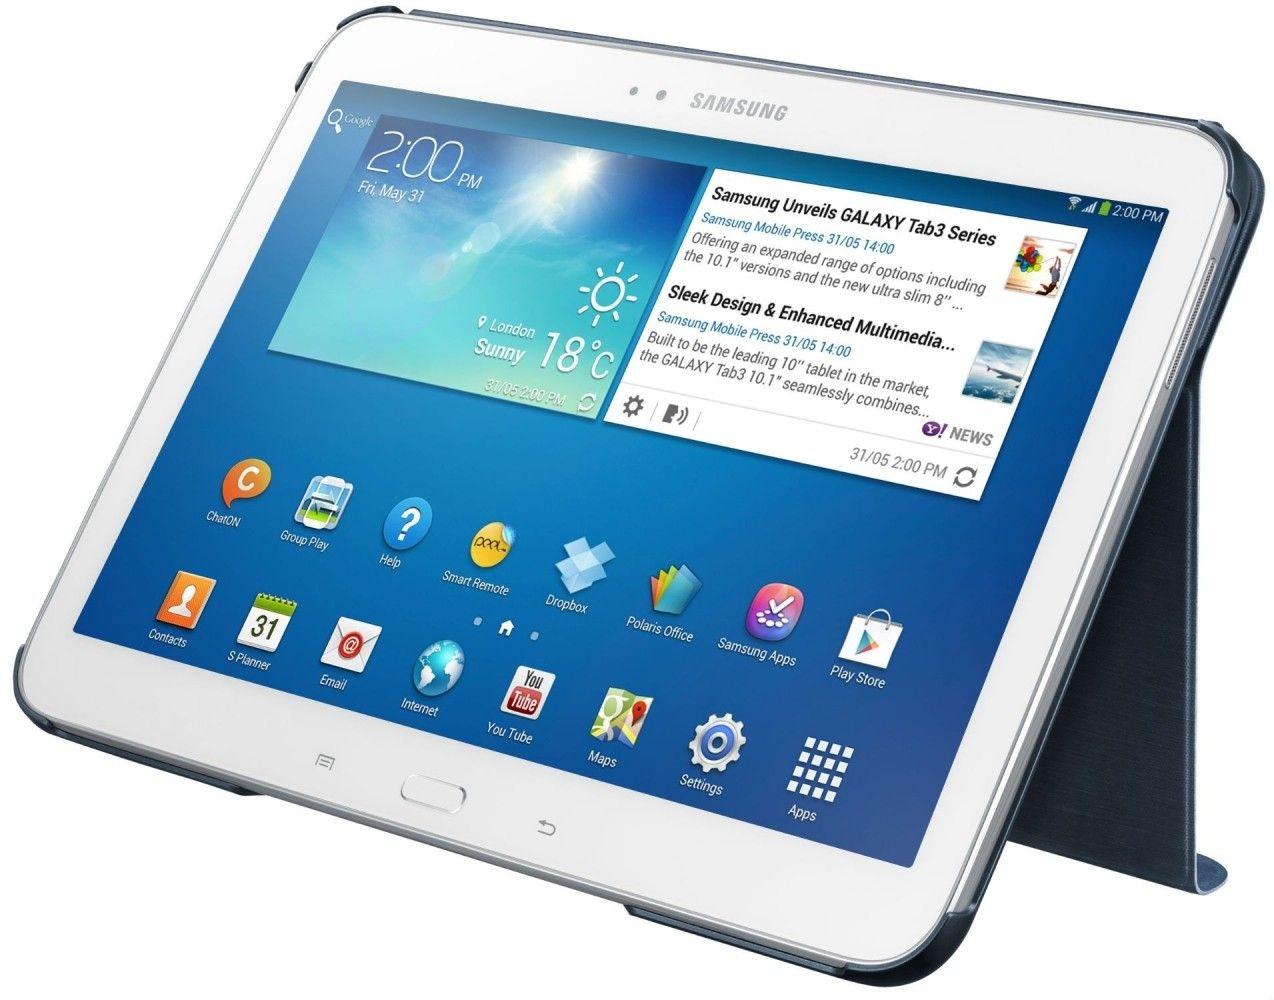 Обложка Samsung для Galaxy Tab 3.0 10.1 Regal Blue (EF-BP520BLEGWW) - 1